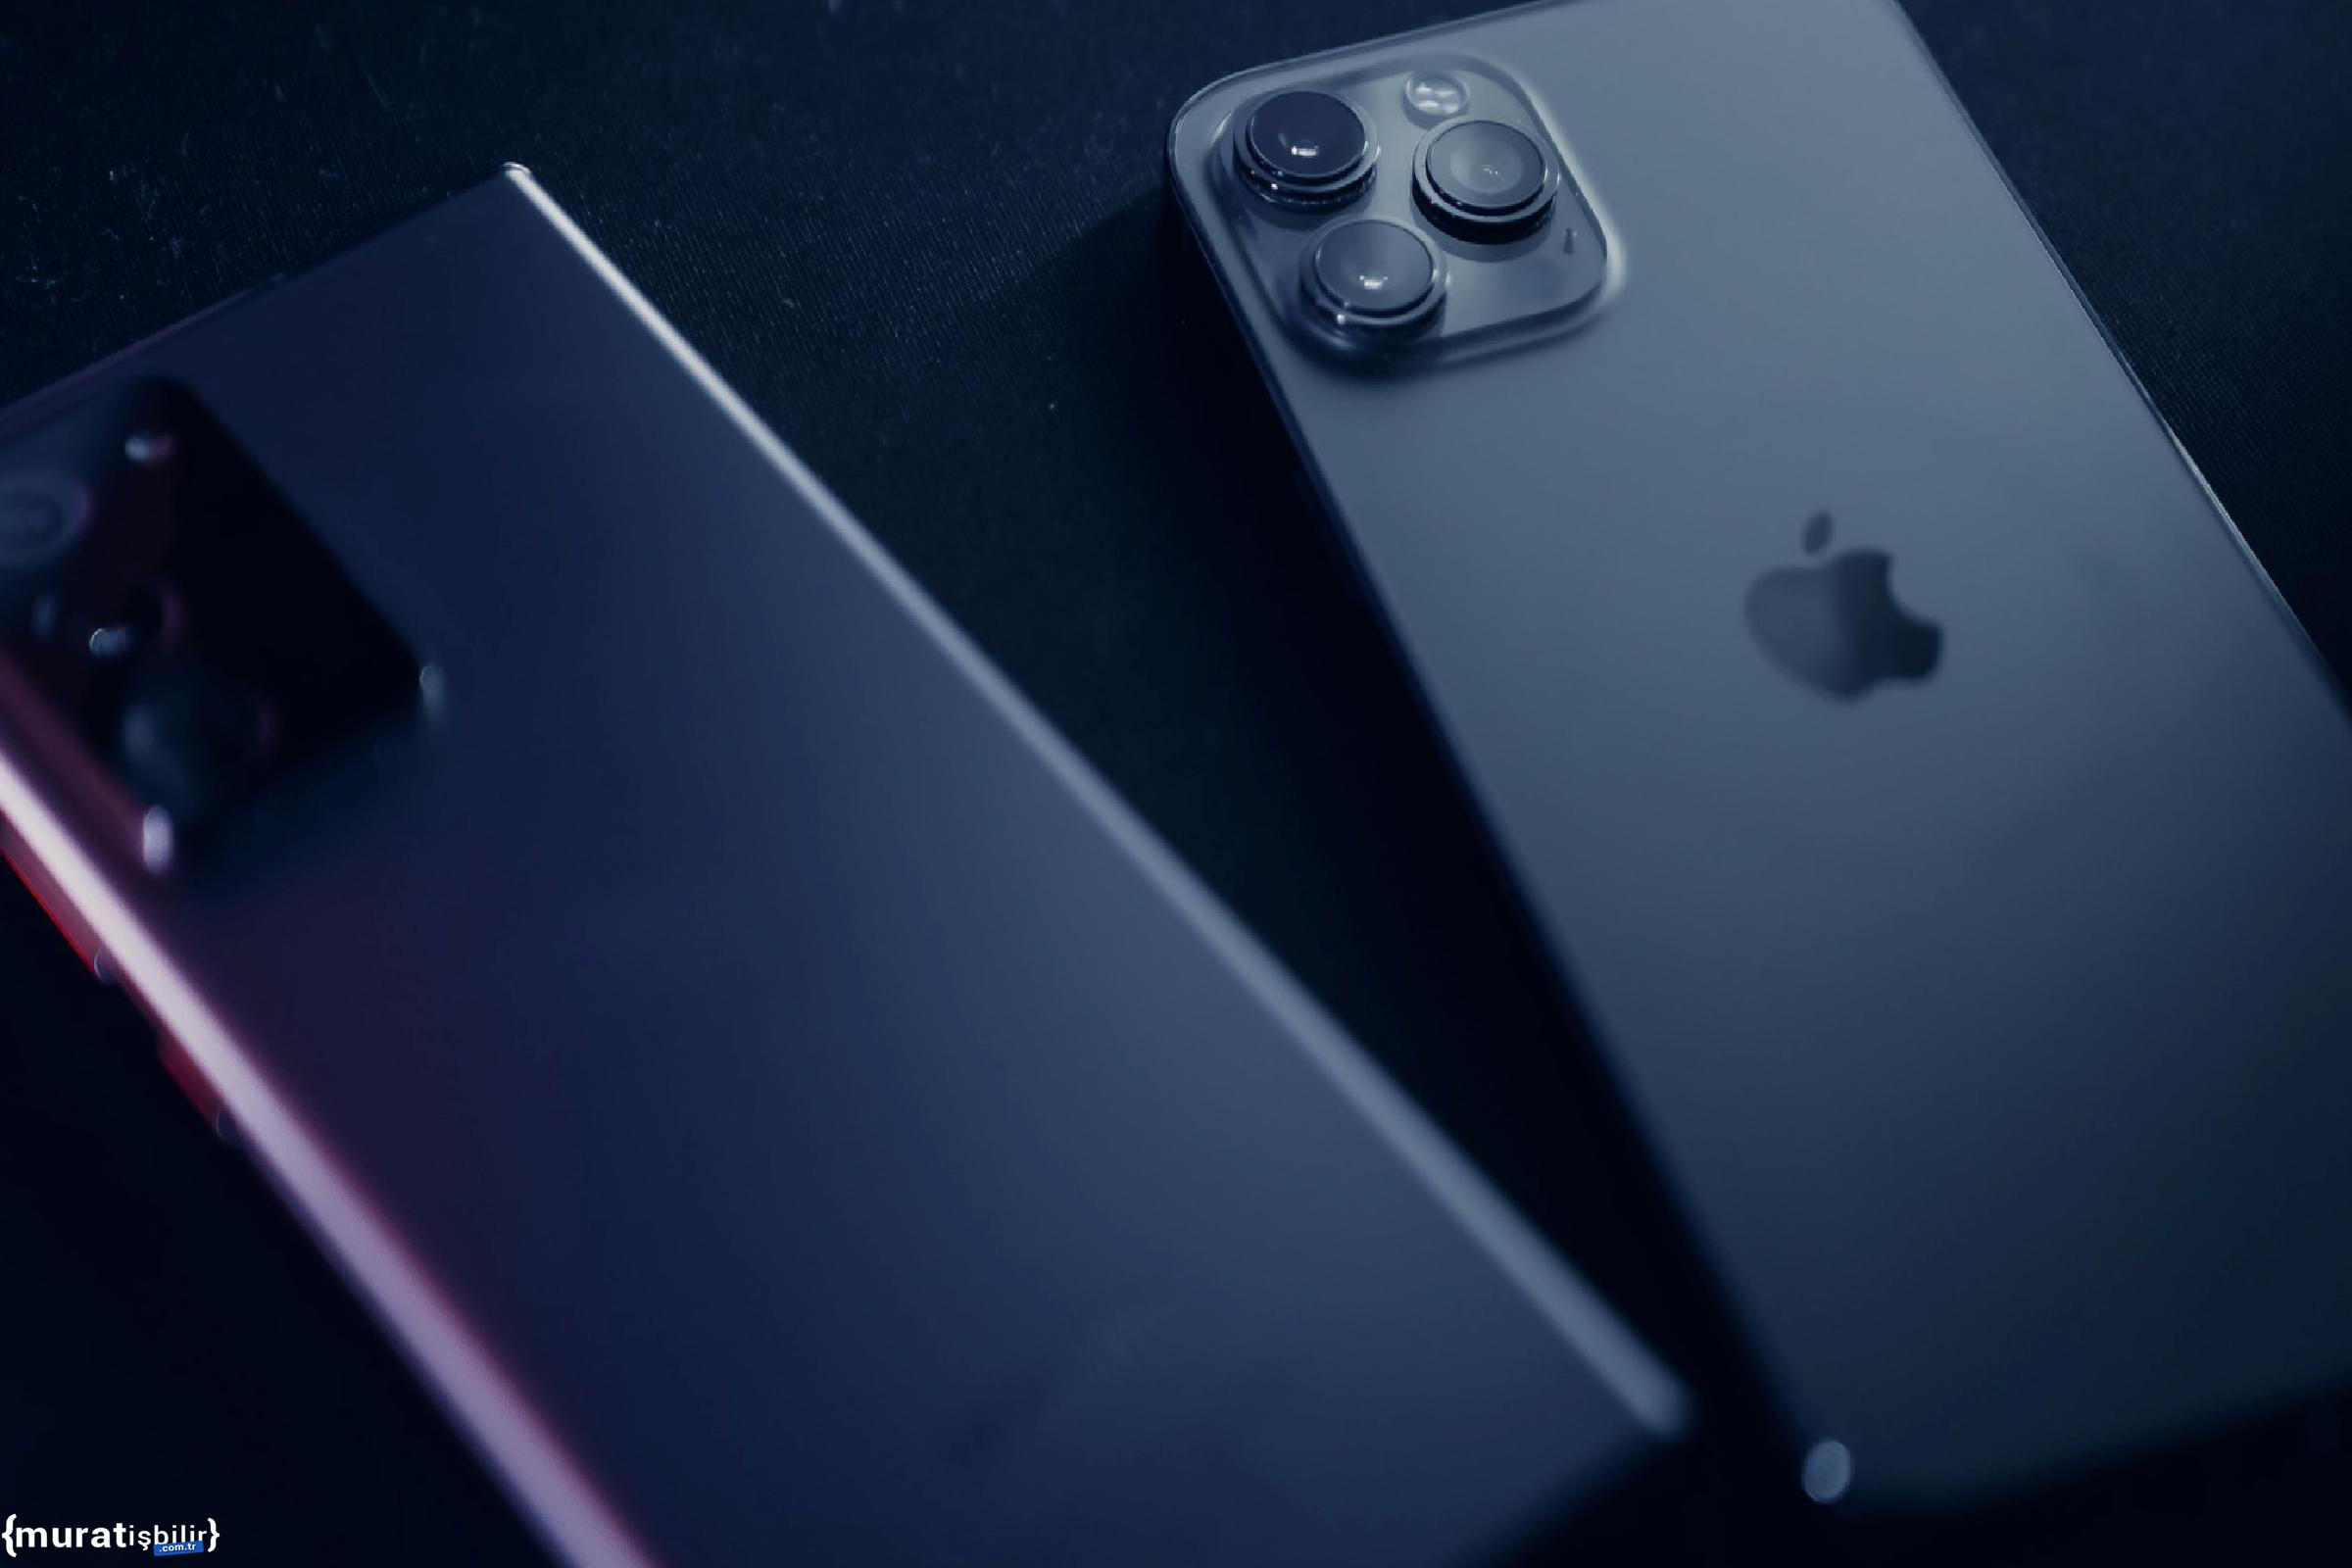 Akıllı Telefon Fiyatları Gelecek Yıl Yükselebilir